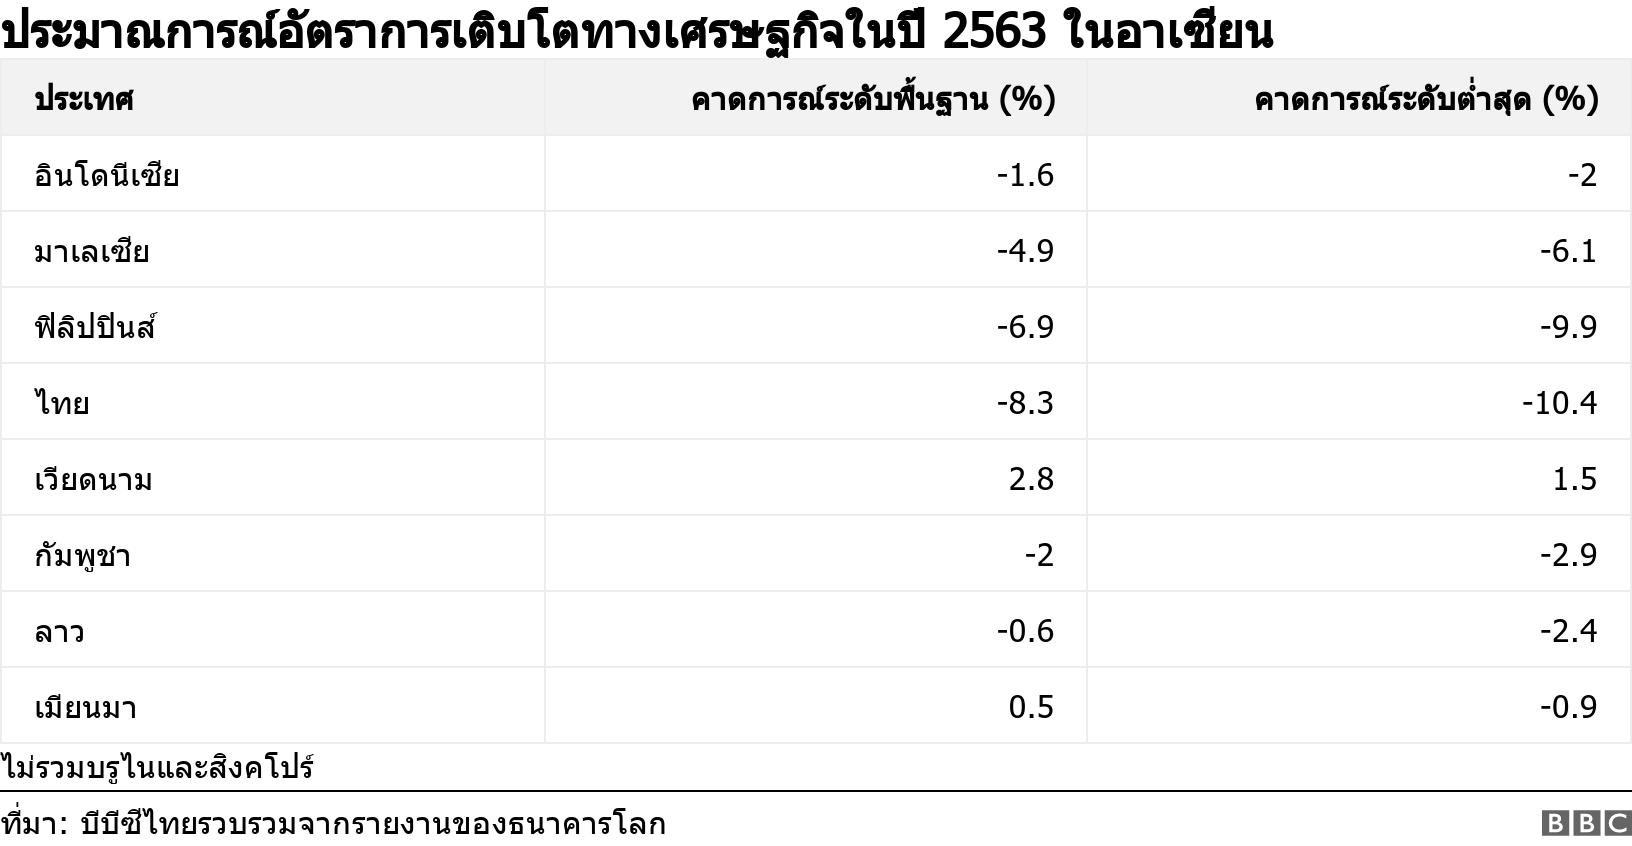 ประมาณการณ์อัตราการเติบโตทางเศรษฐกิจในปี 2563 ในอาเซียน. .  ไม่รวมบรูไนและสิงคโปร์ .